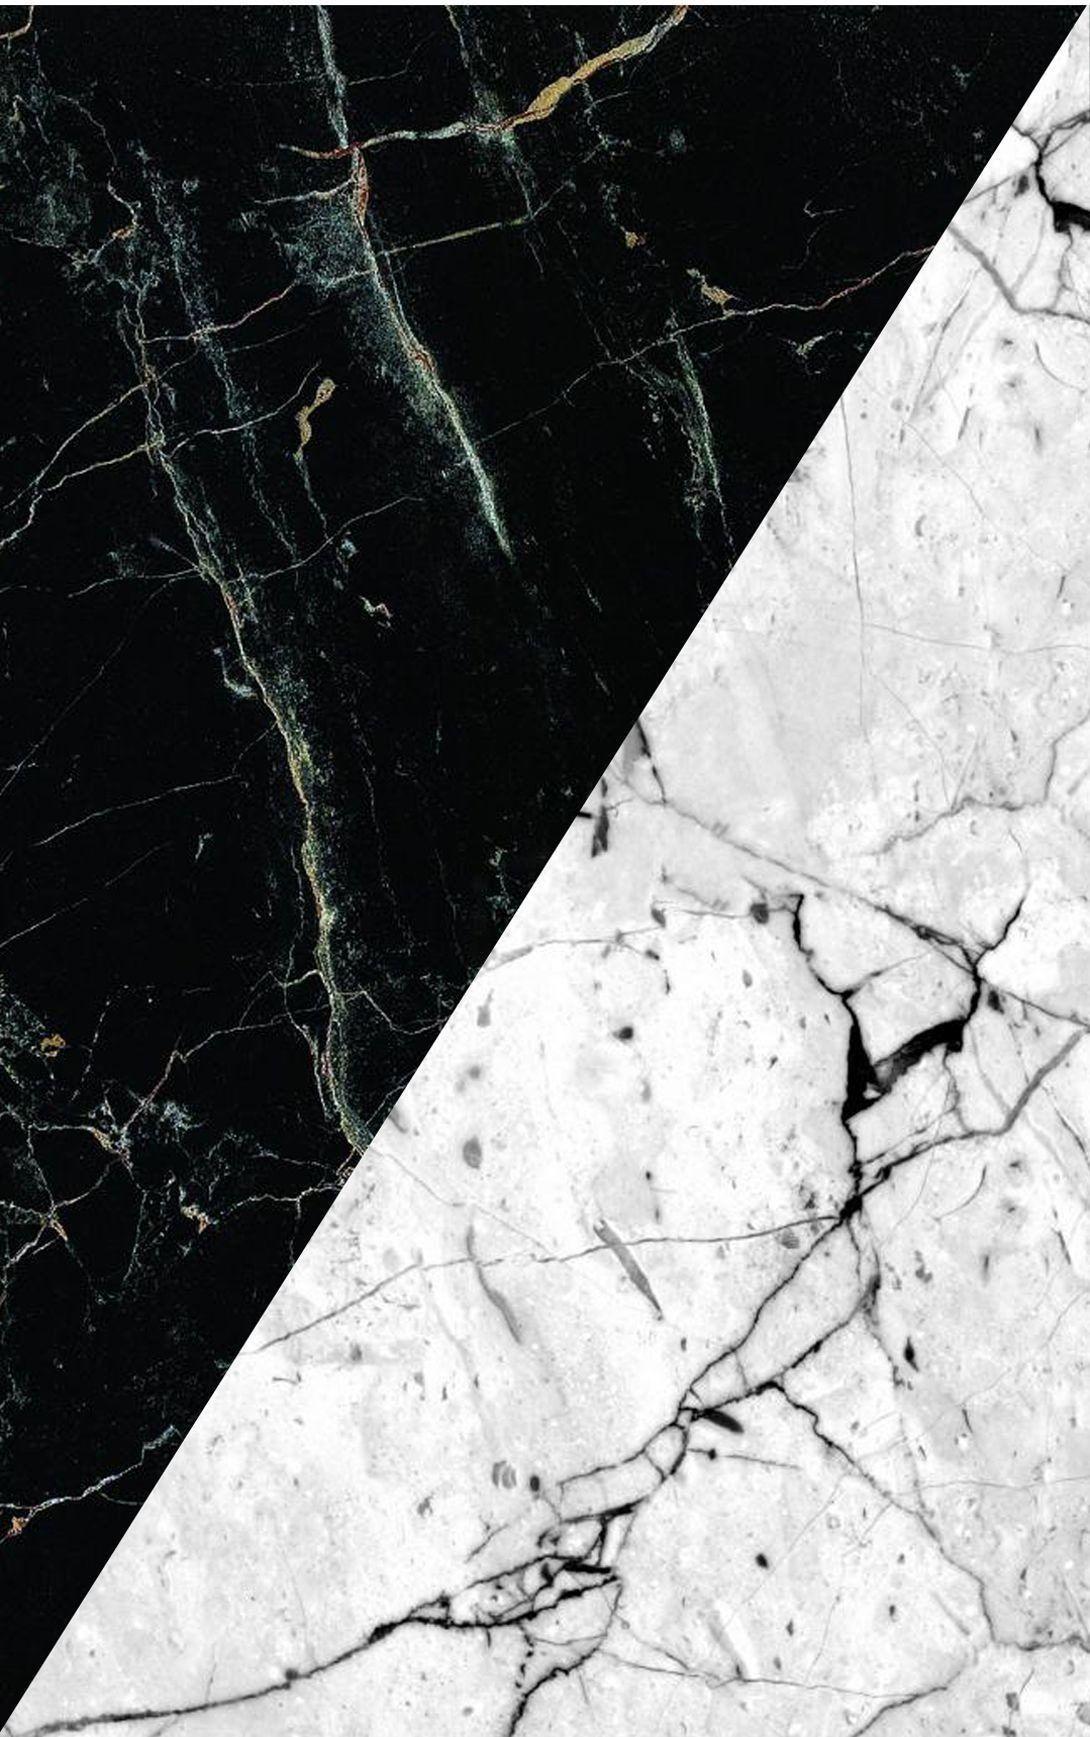 خلفيات رخام Marble باللونين الأسود والذهبي Black Gold عالية الوضوح 15 Marble Wallpaper Phone Marble Iphone Wallpaper Black Wallpaper Iphone